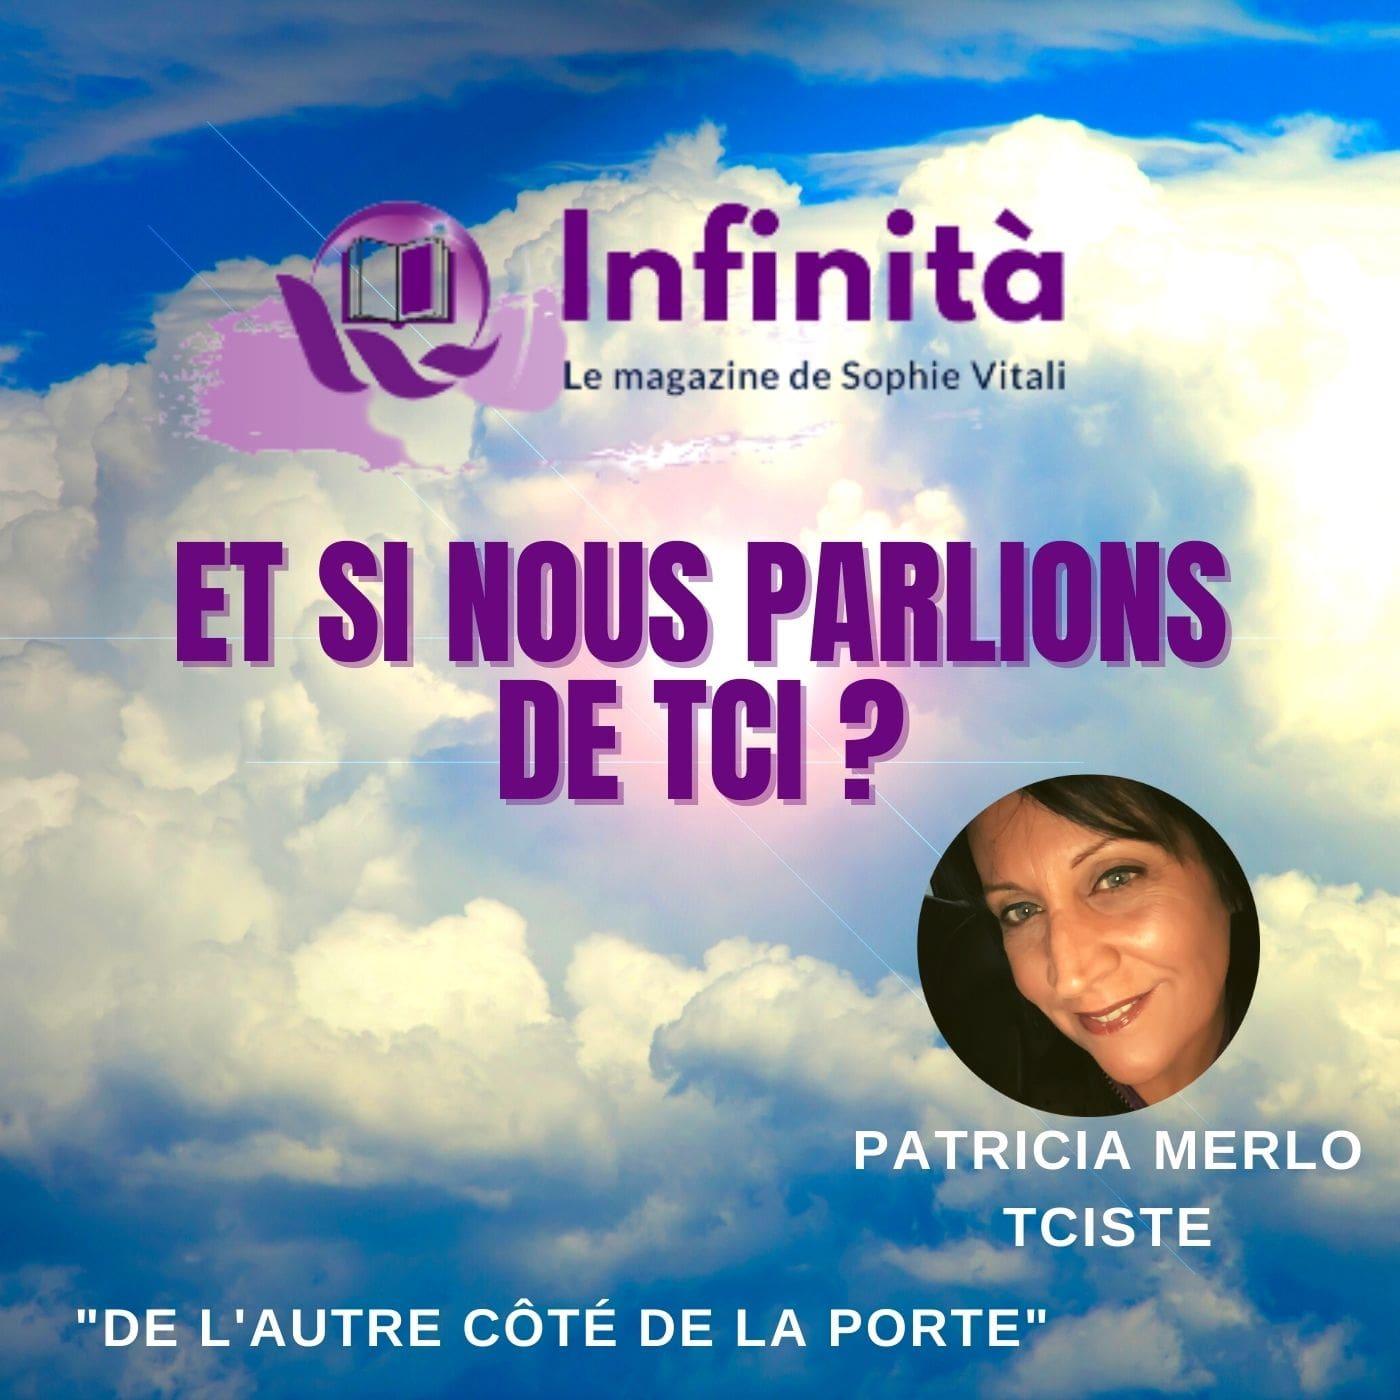 Et si nous parlions de TCI ? Par Patricia Merlo TCISTE / De l'autre côté de la porte / Infinità, le magazine de Sophie Vitali célèbre médium